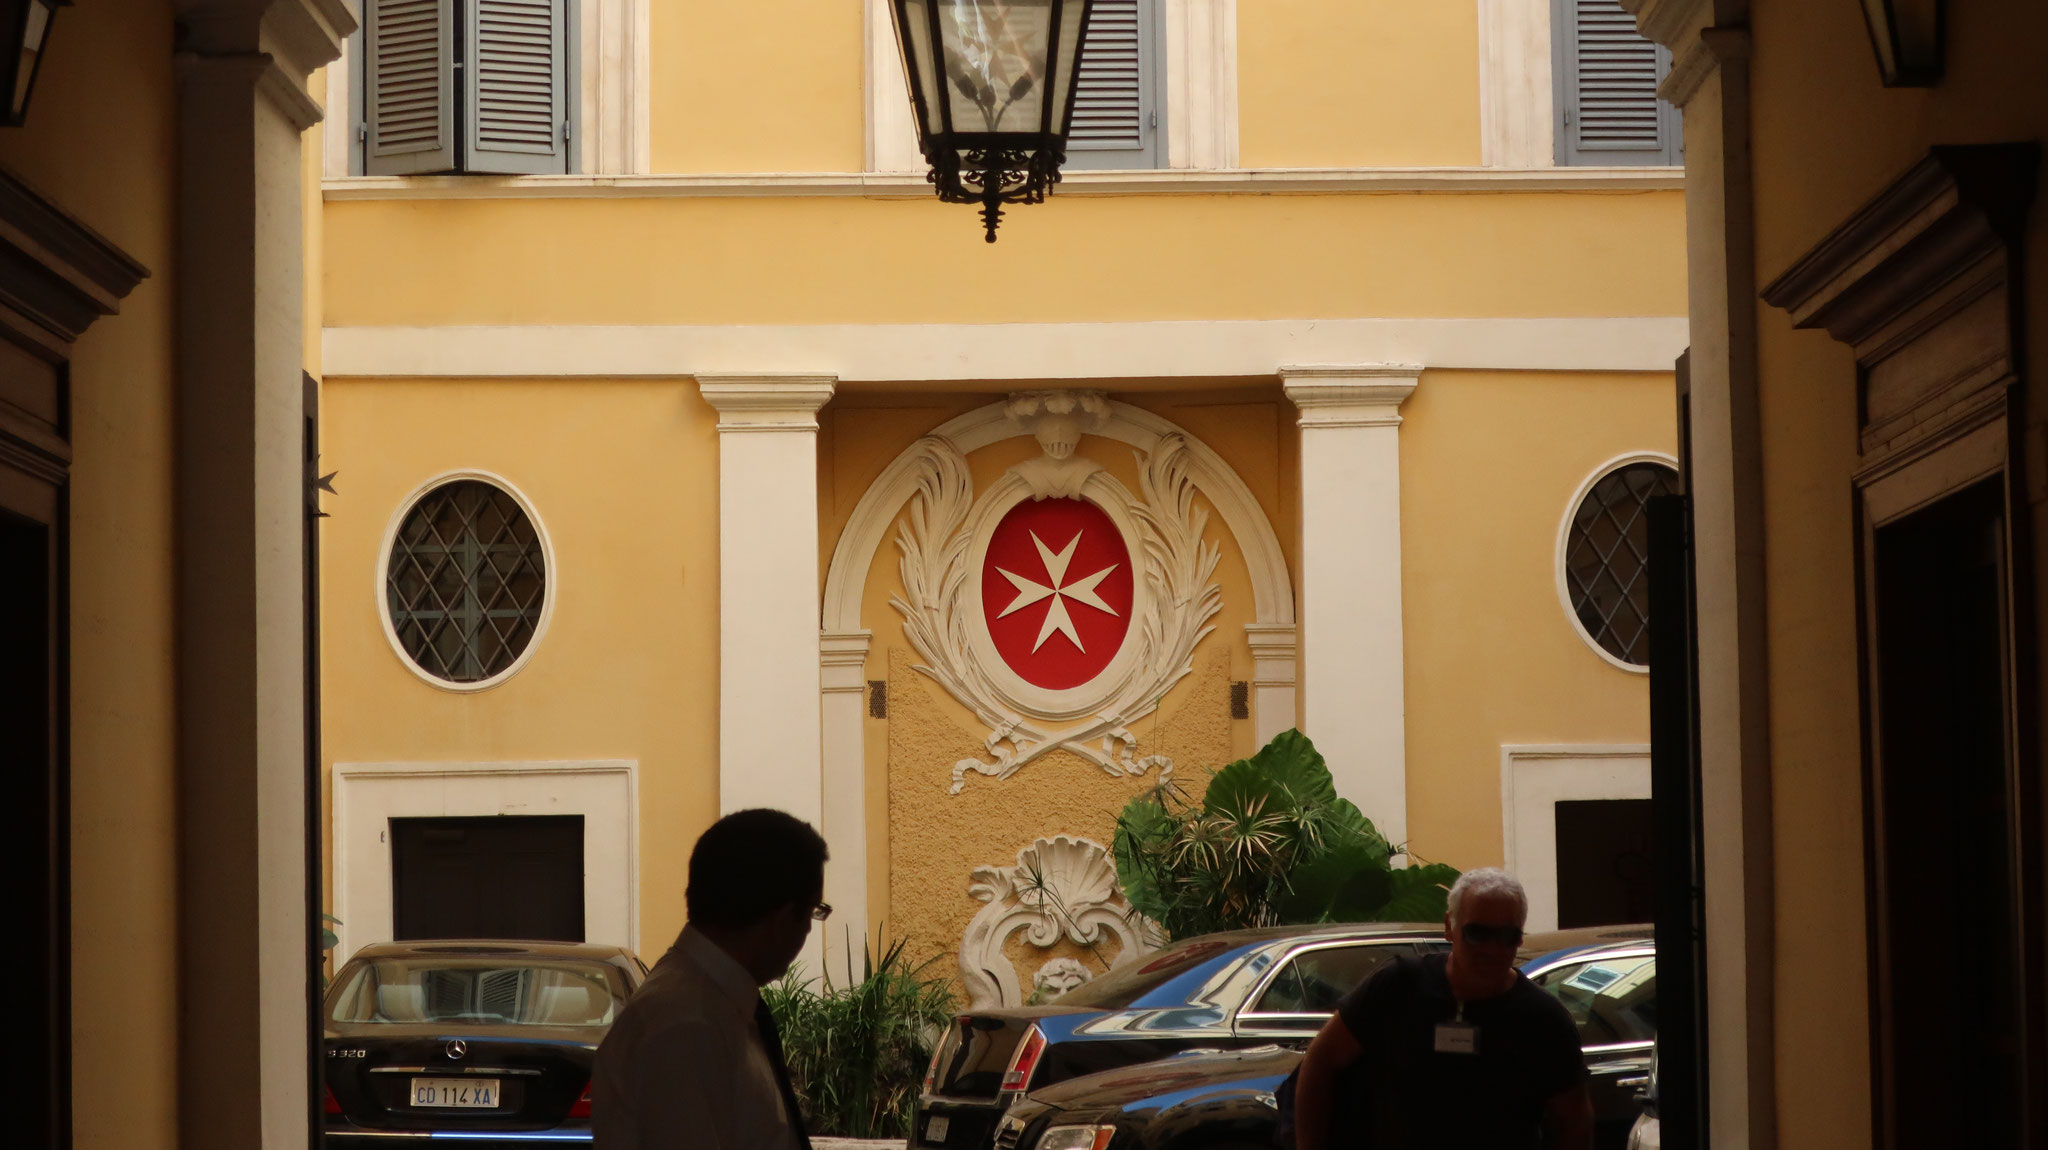 マルタ救護騎士団本部。紋章は赤地に白の、突き出た8つの角を持つ十字架 。騎士道における8つの美徳を象徴します。